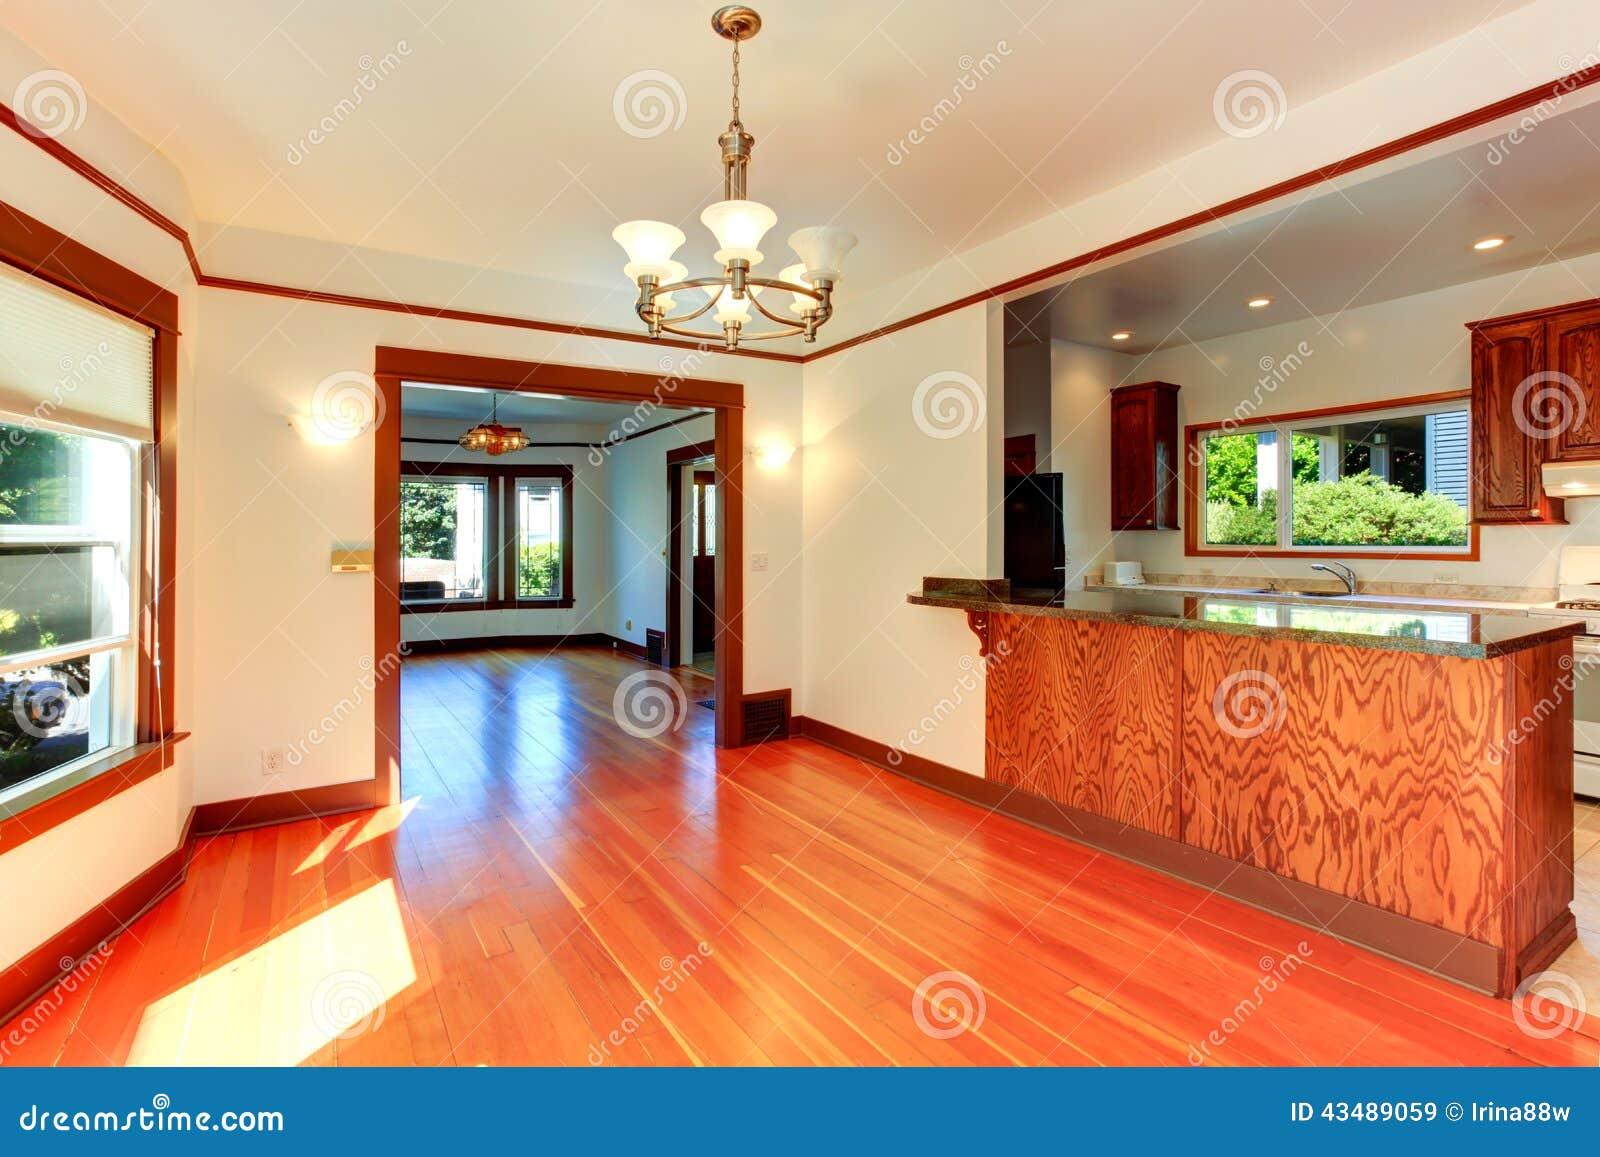 19 light hardwood kitchen floor for green living - Green living room ideas in east hampton new york ...